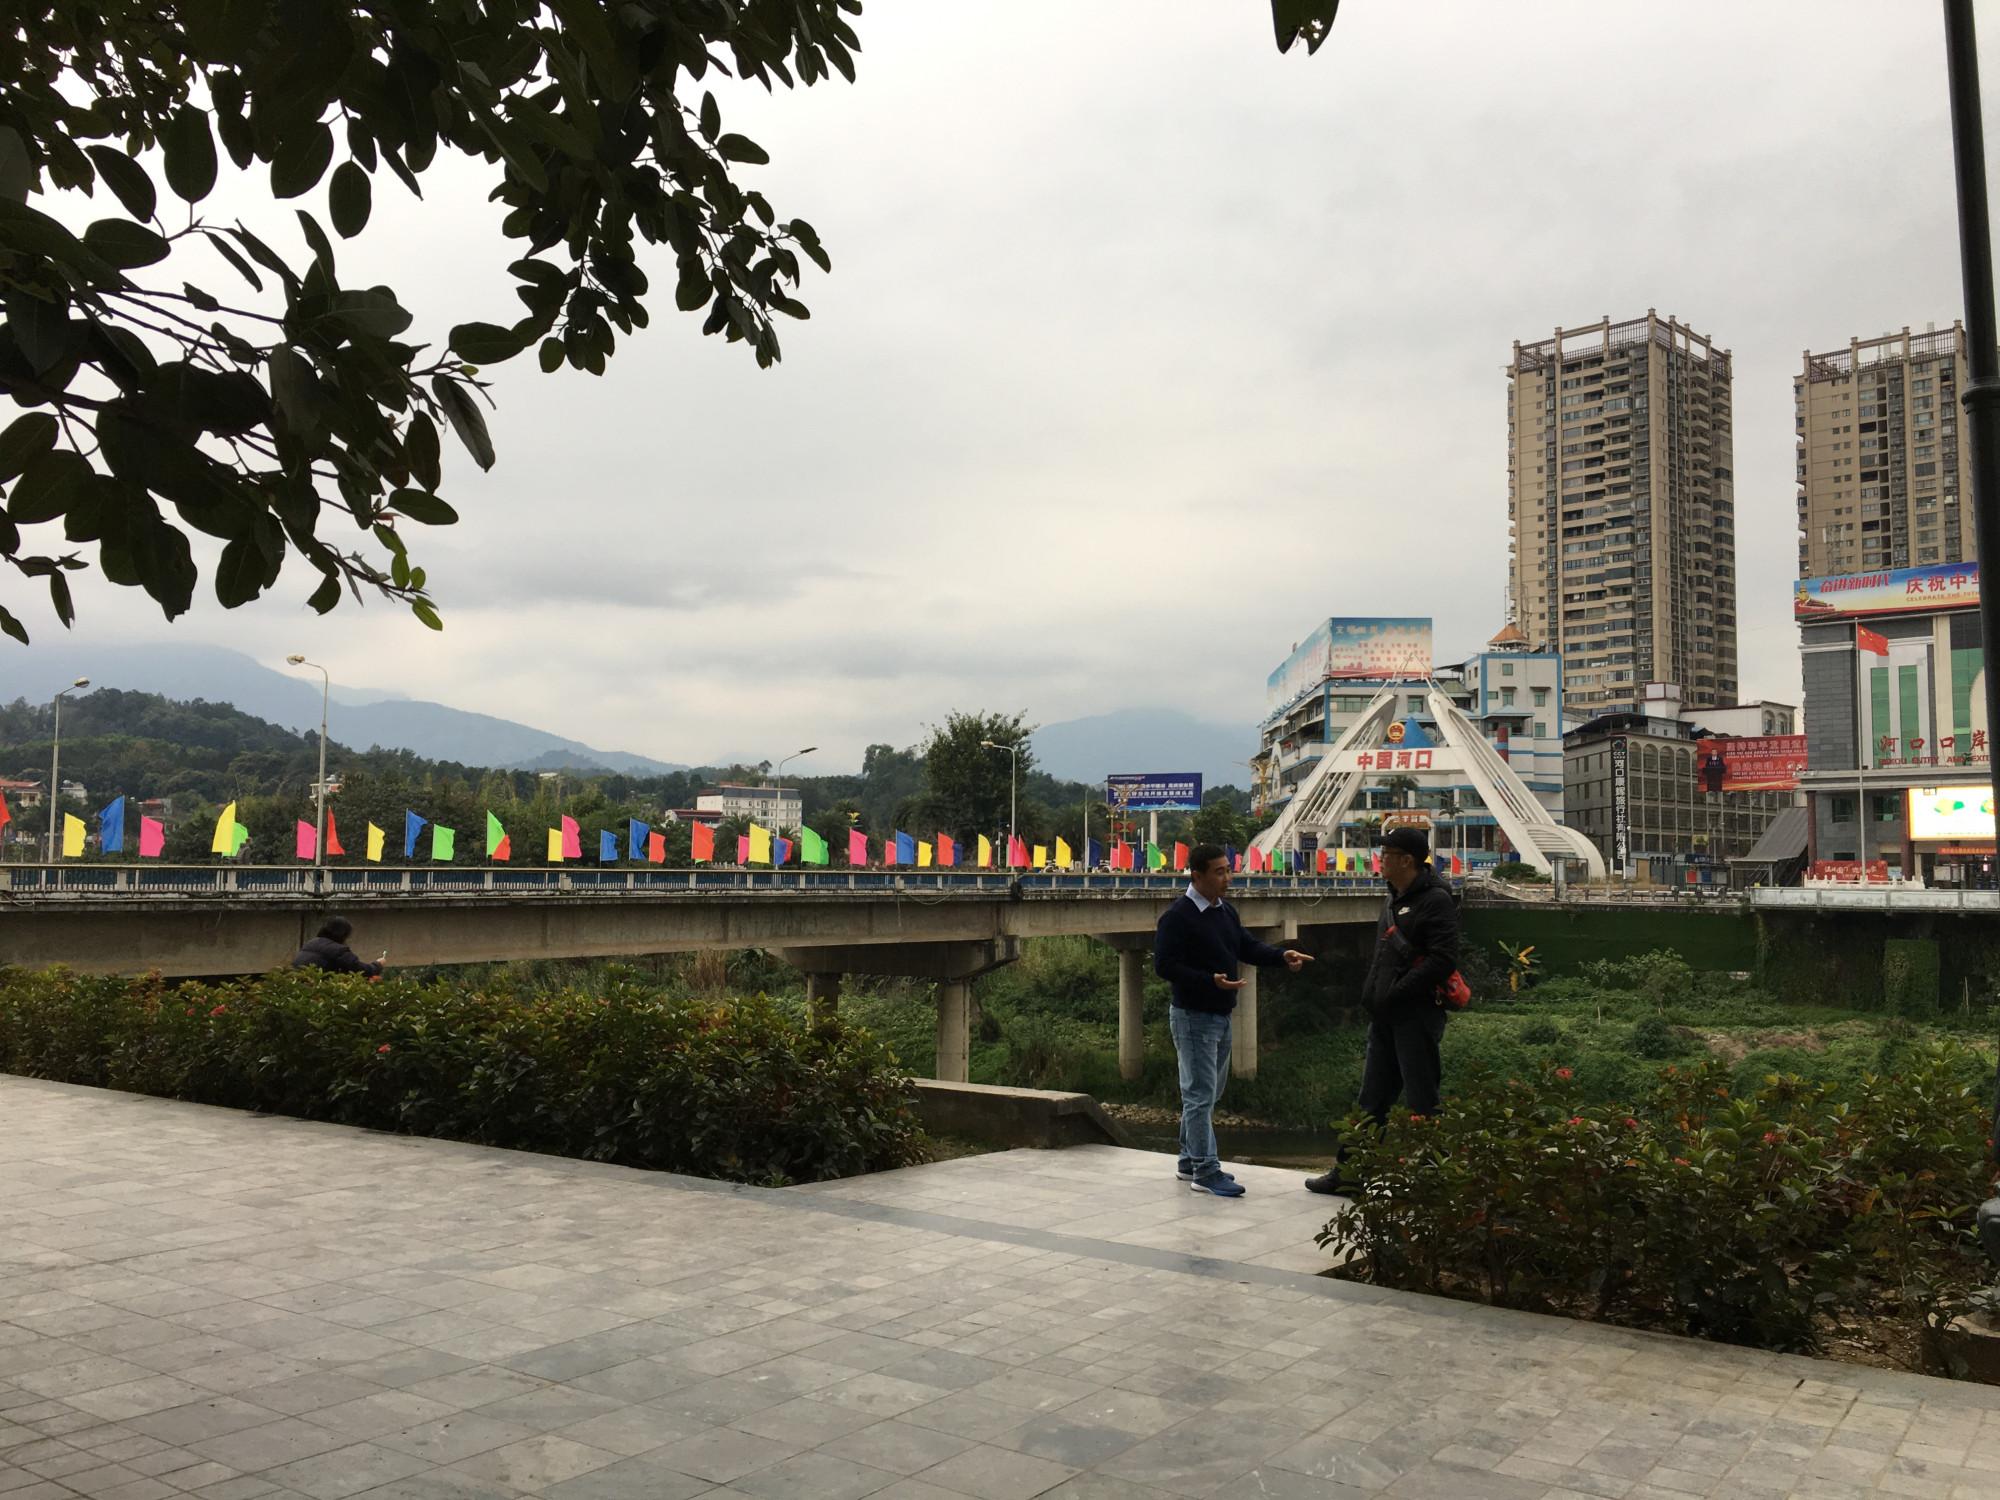 Bên kia sông là cửa khẩu Hà Khẩu. Ảnh chụp từ cửa khẩu quốc tế Lào Cai sáng 27/1